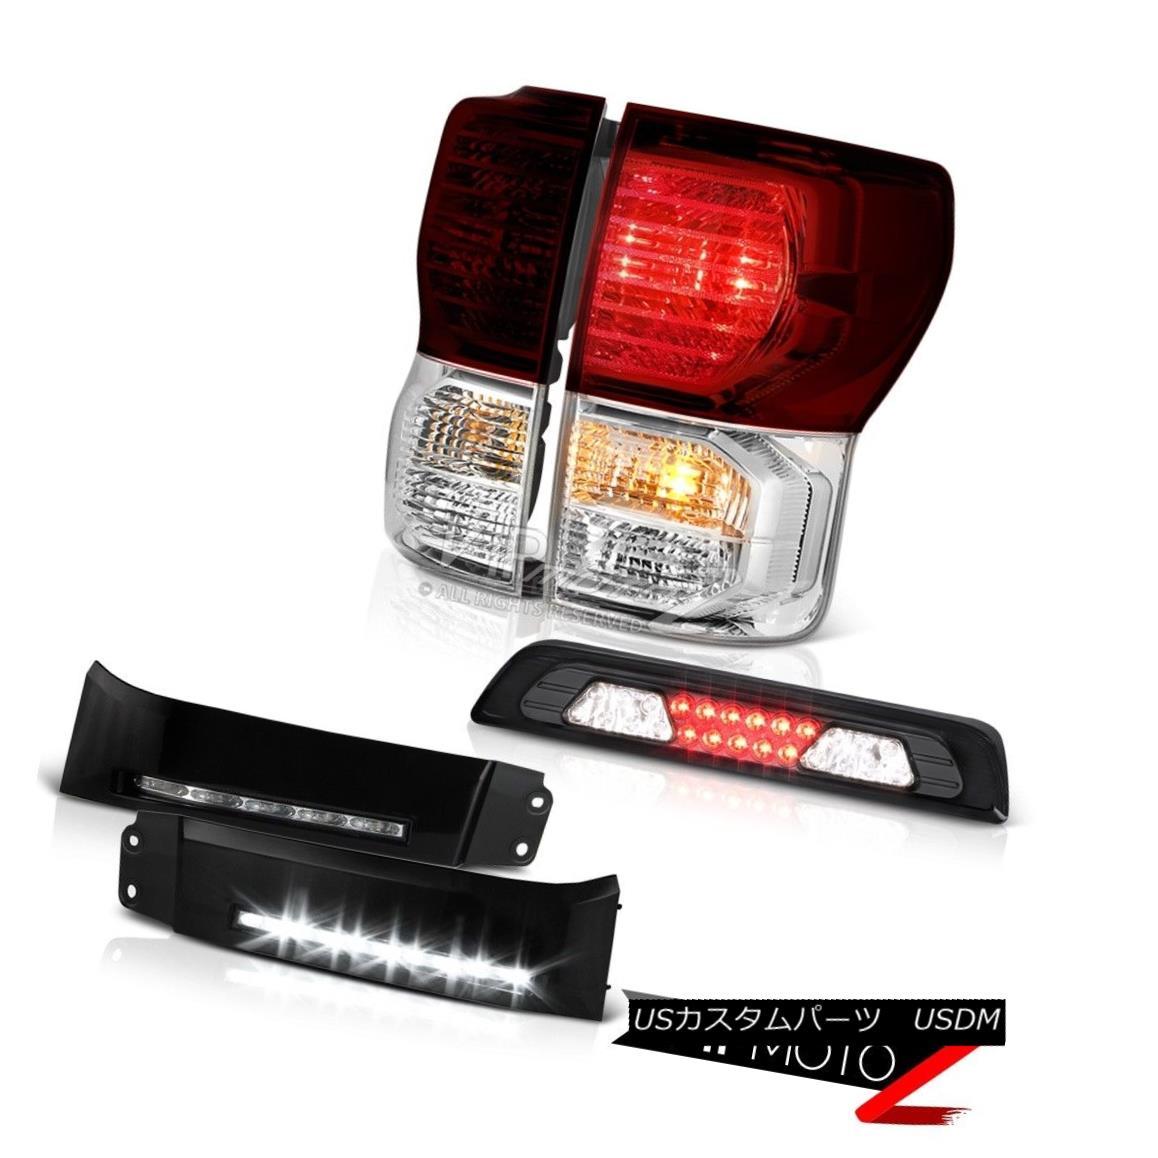 テールライト 07-13 Toyota Tundra SR5 Black Bumper DRL Roof Cab Light Smoked Red Taillights 07-13トヨタトンドラSR5ブラックバンパーDRLルーフキャブライトスモークドレッドティアライツ